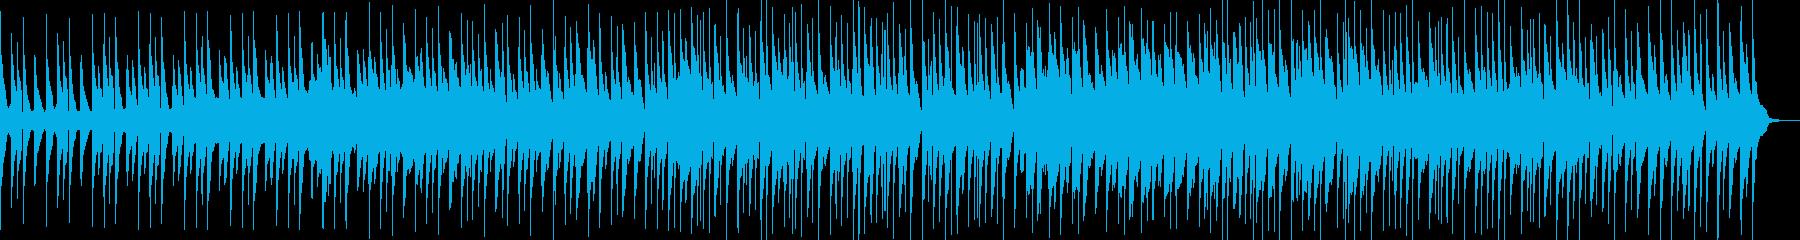 動画 サスペンス ハイテク エレキ...の再生済みの波形